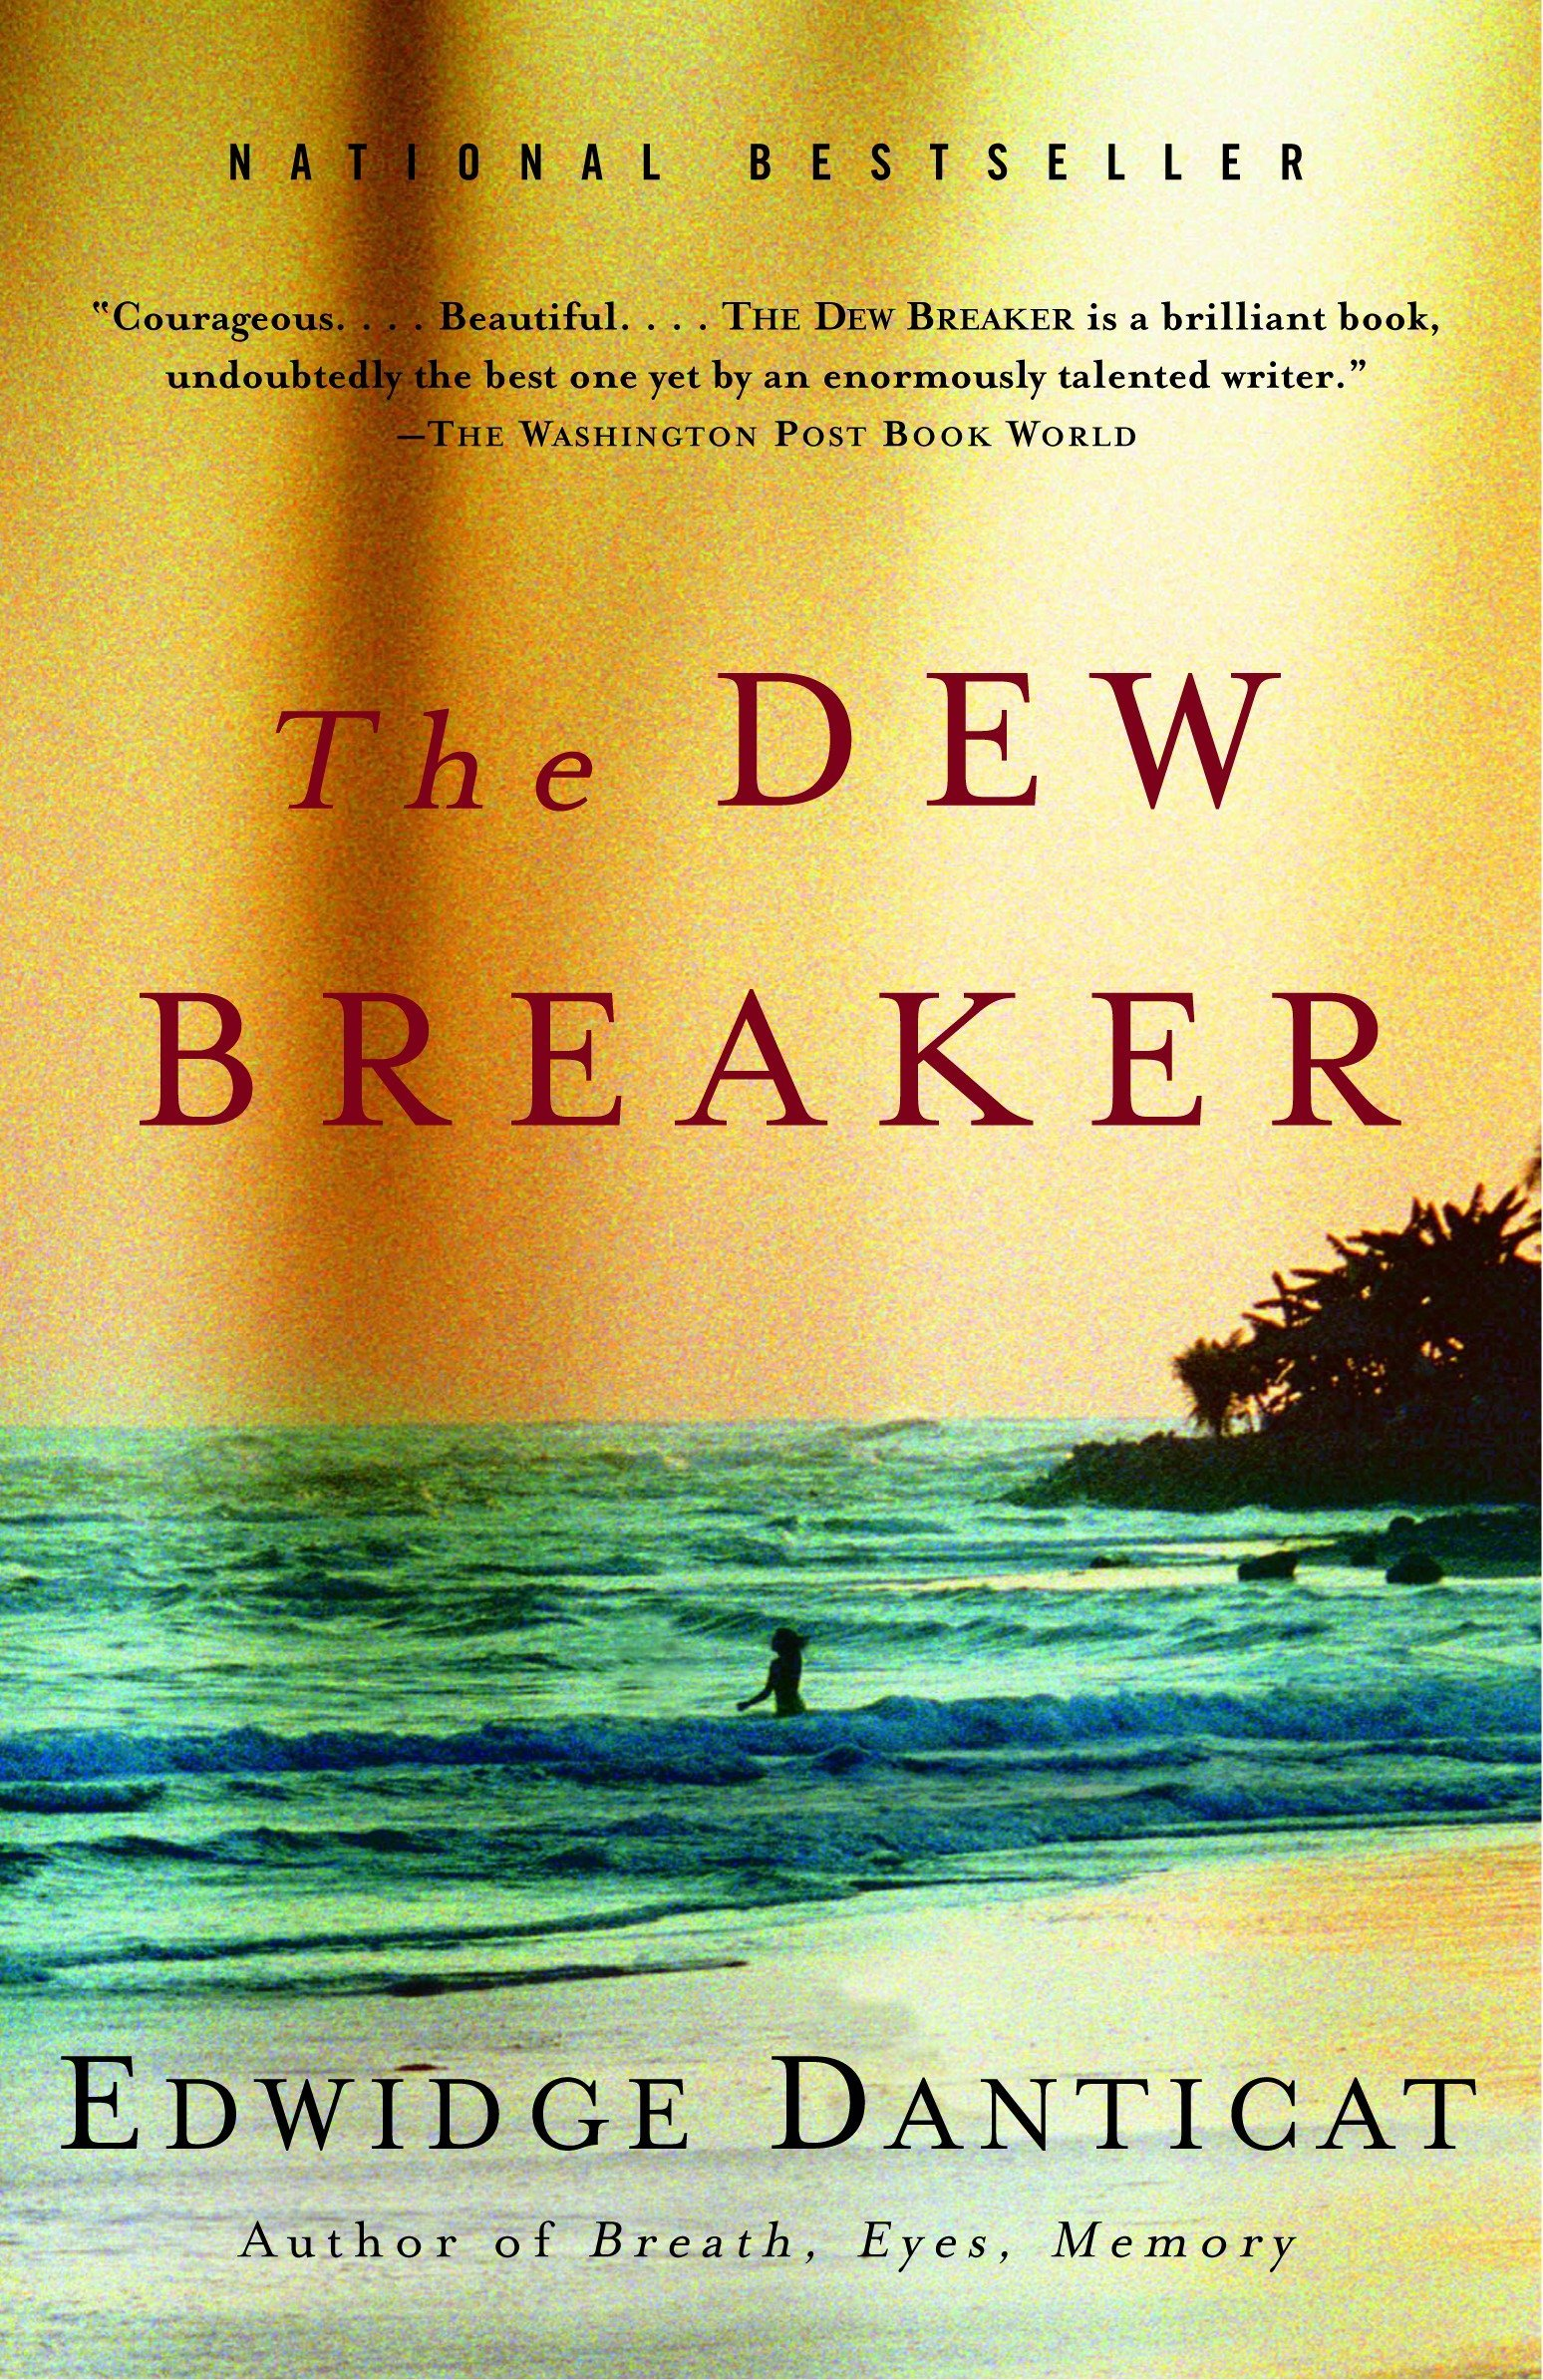 Cover of Danticat's The Dew Breaker